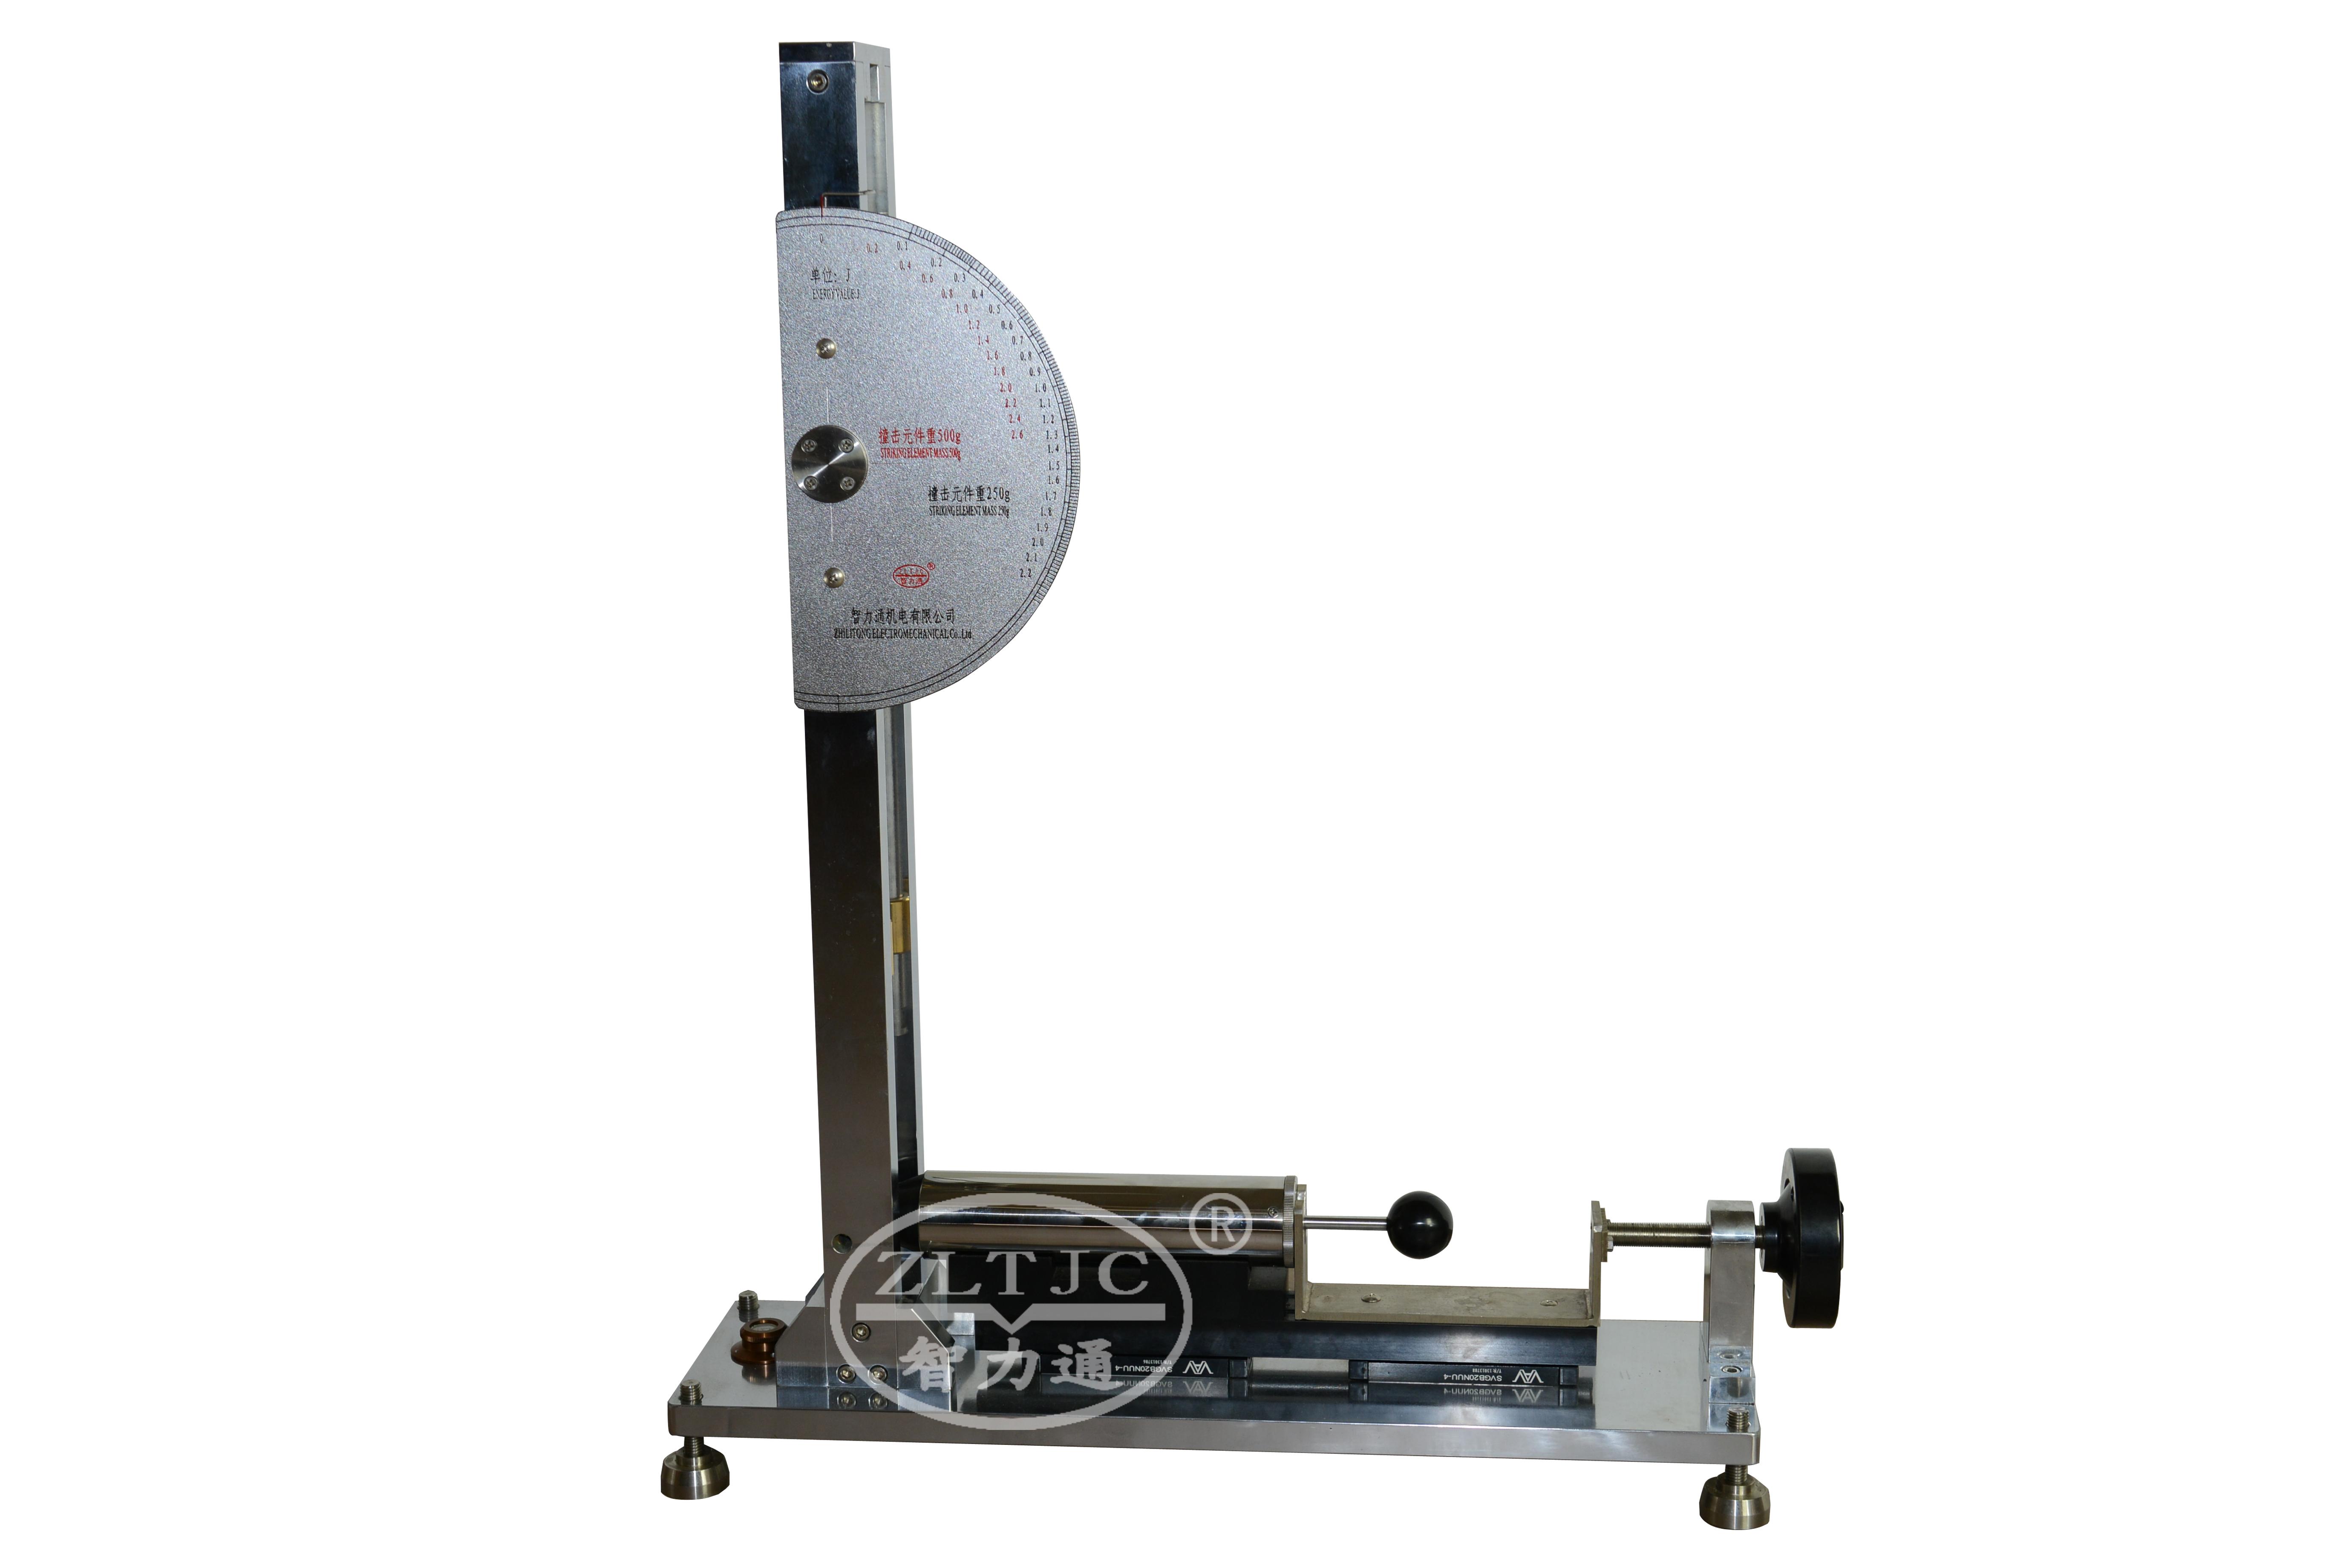 我司成功售予广东银河计量检测有限公司一台弹簧冲击器校验装置